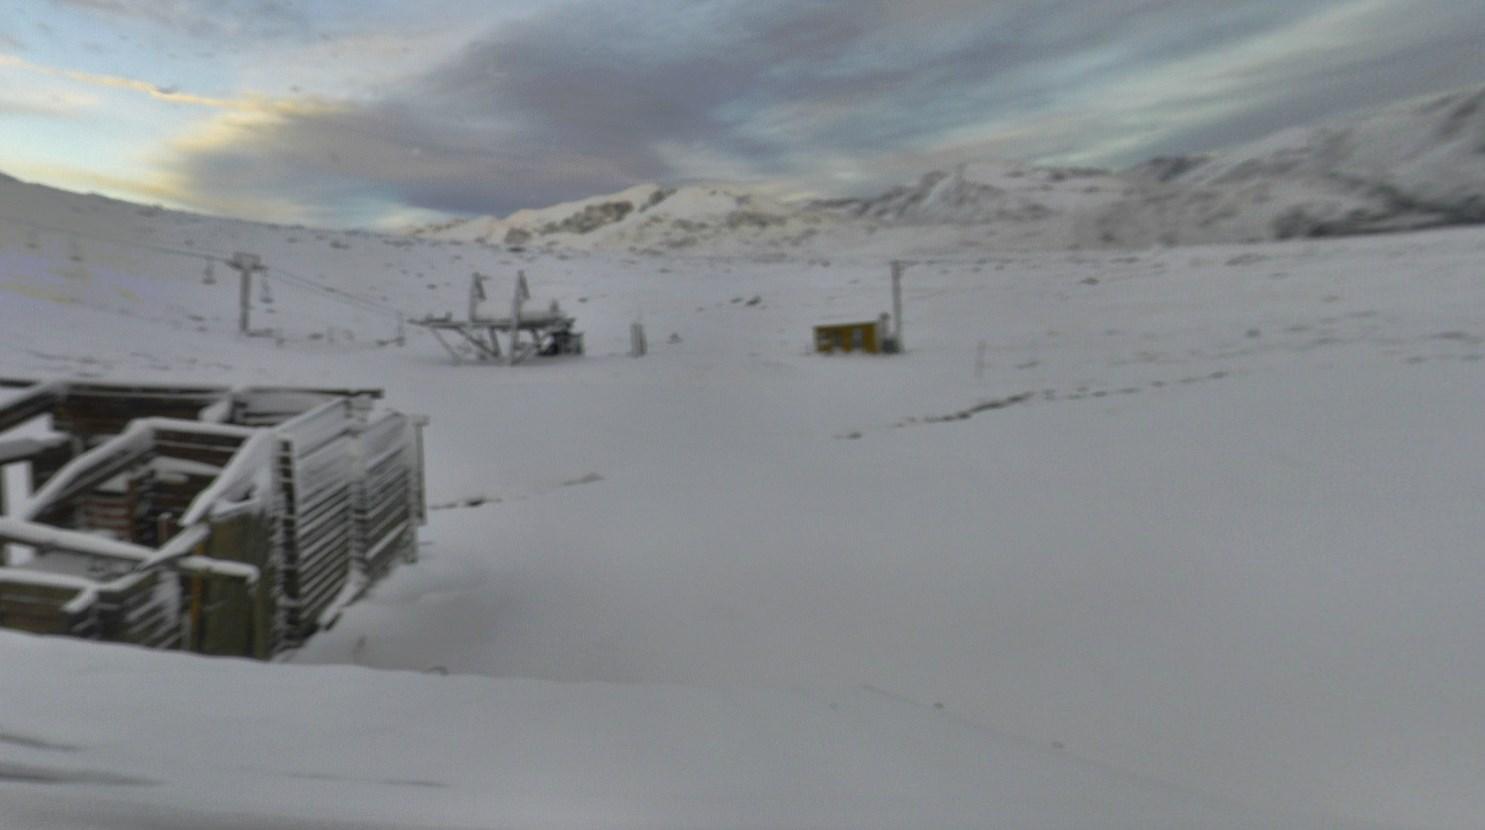 Lleg la nieve al pirineo catal n y andorra fotos de la - Webcam porte puymorens ...